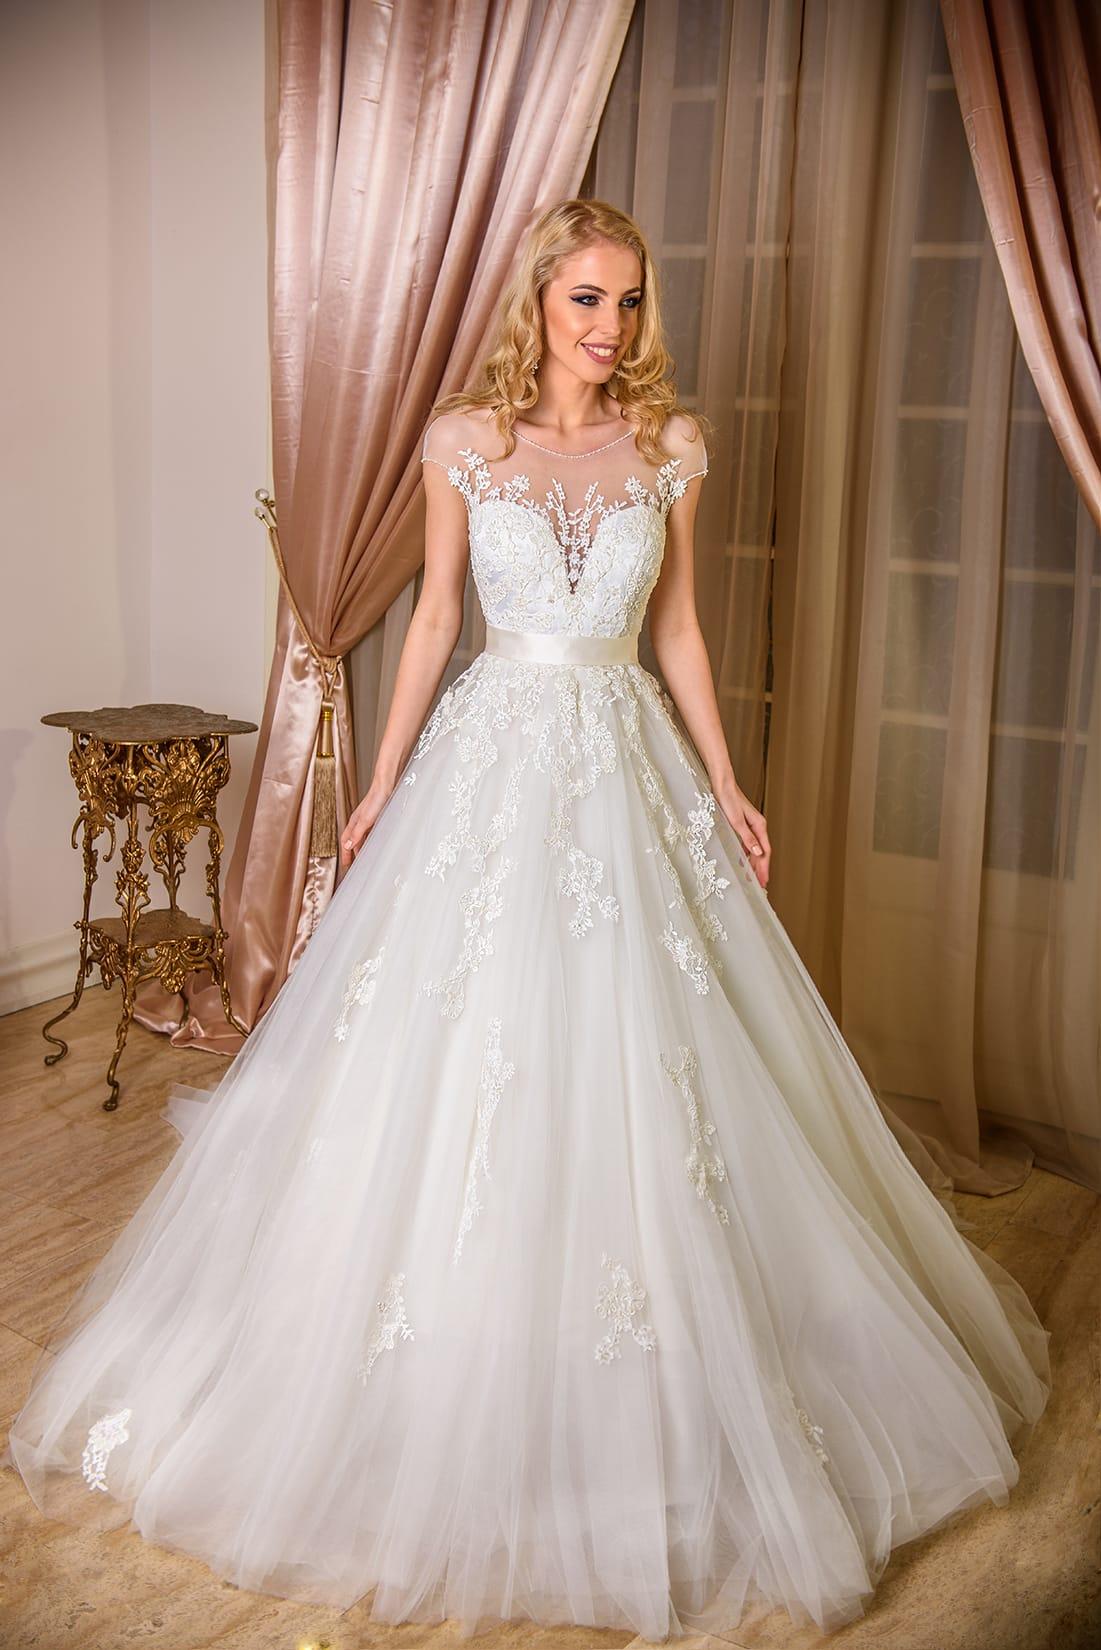 Nikita Model - Colectia Baroque - Adora Sposa